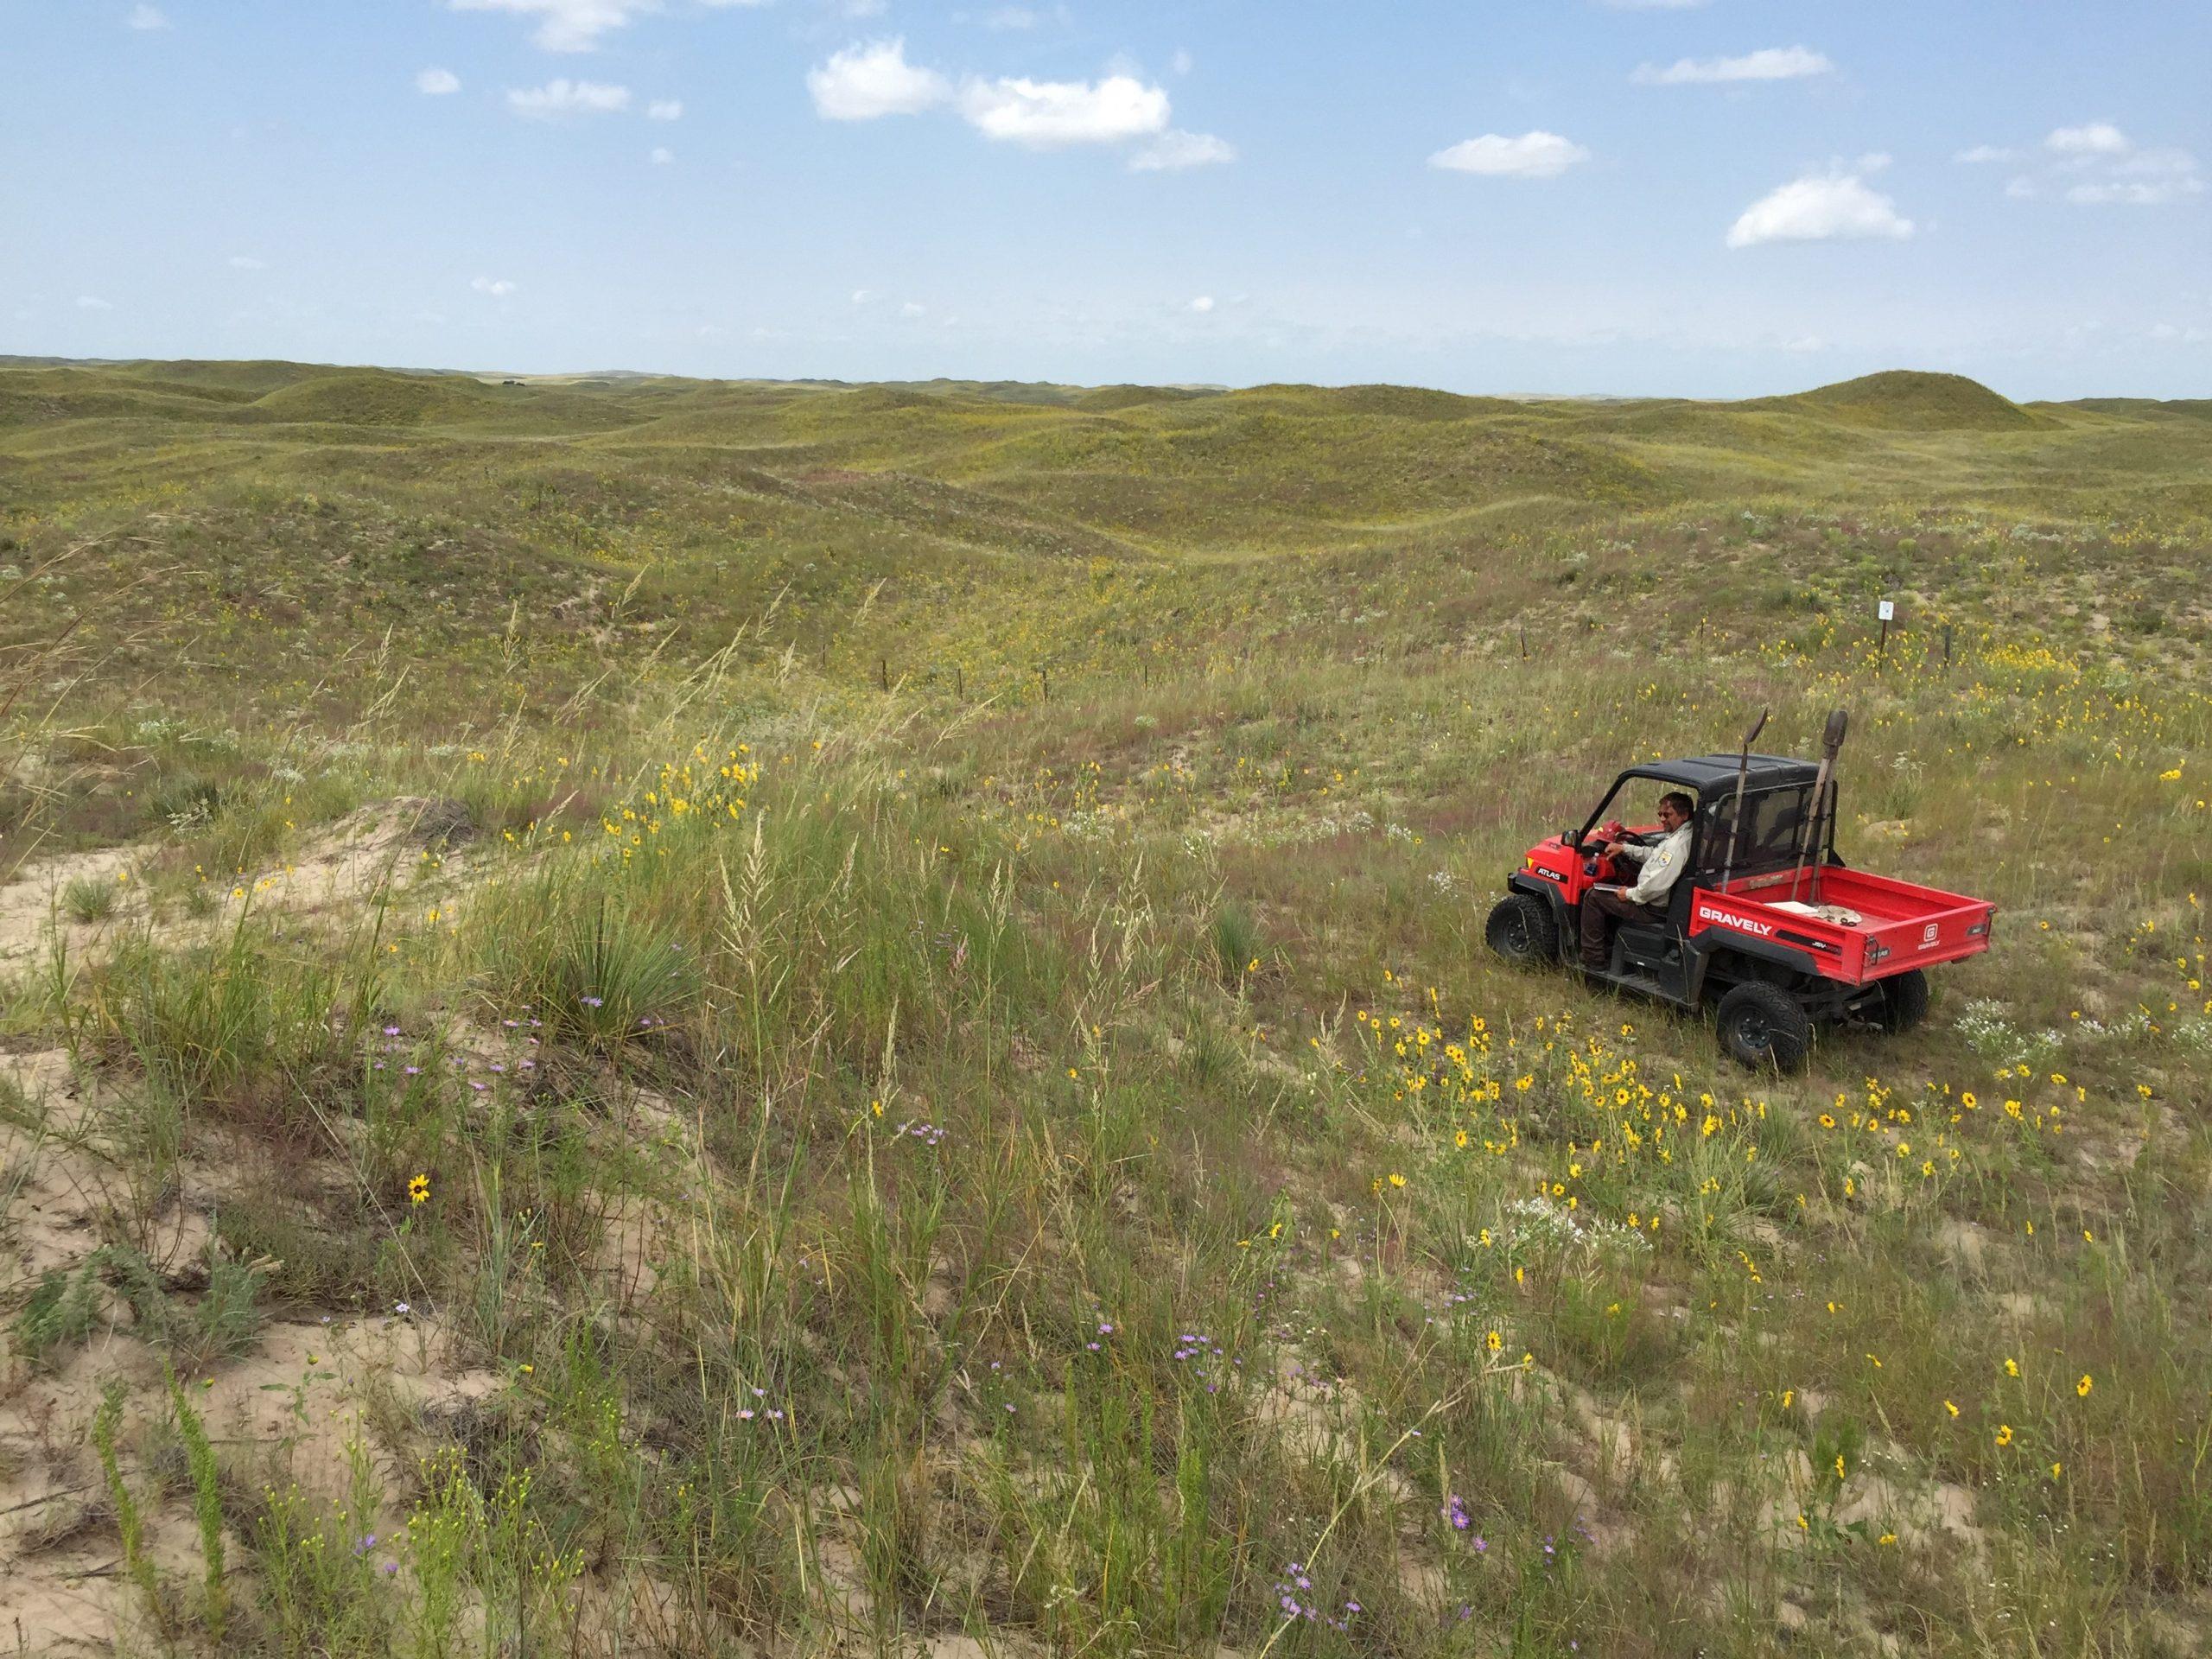 Image of Lauritzen Gardens team in the Nebraska Sandhills